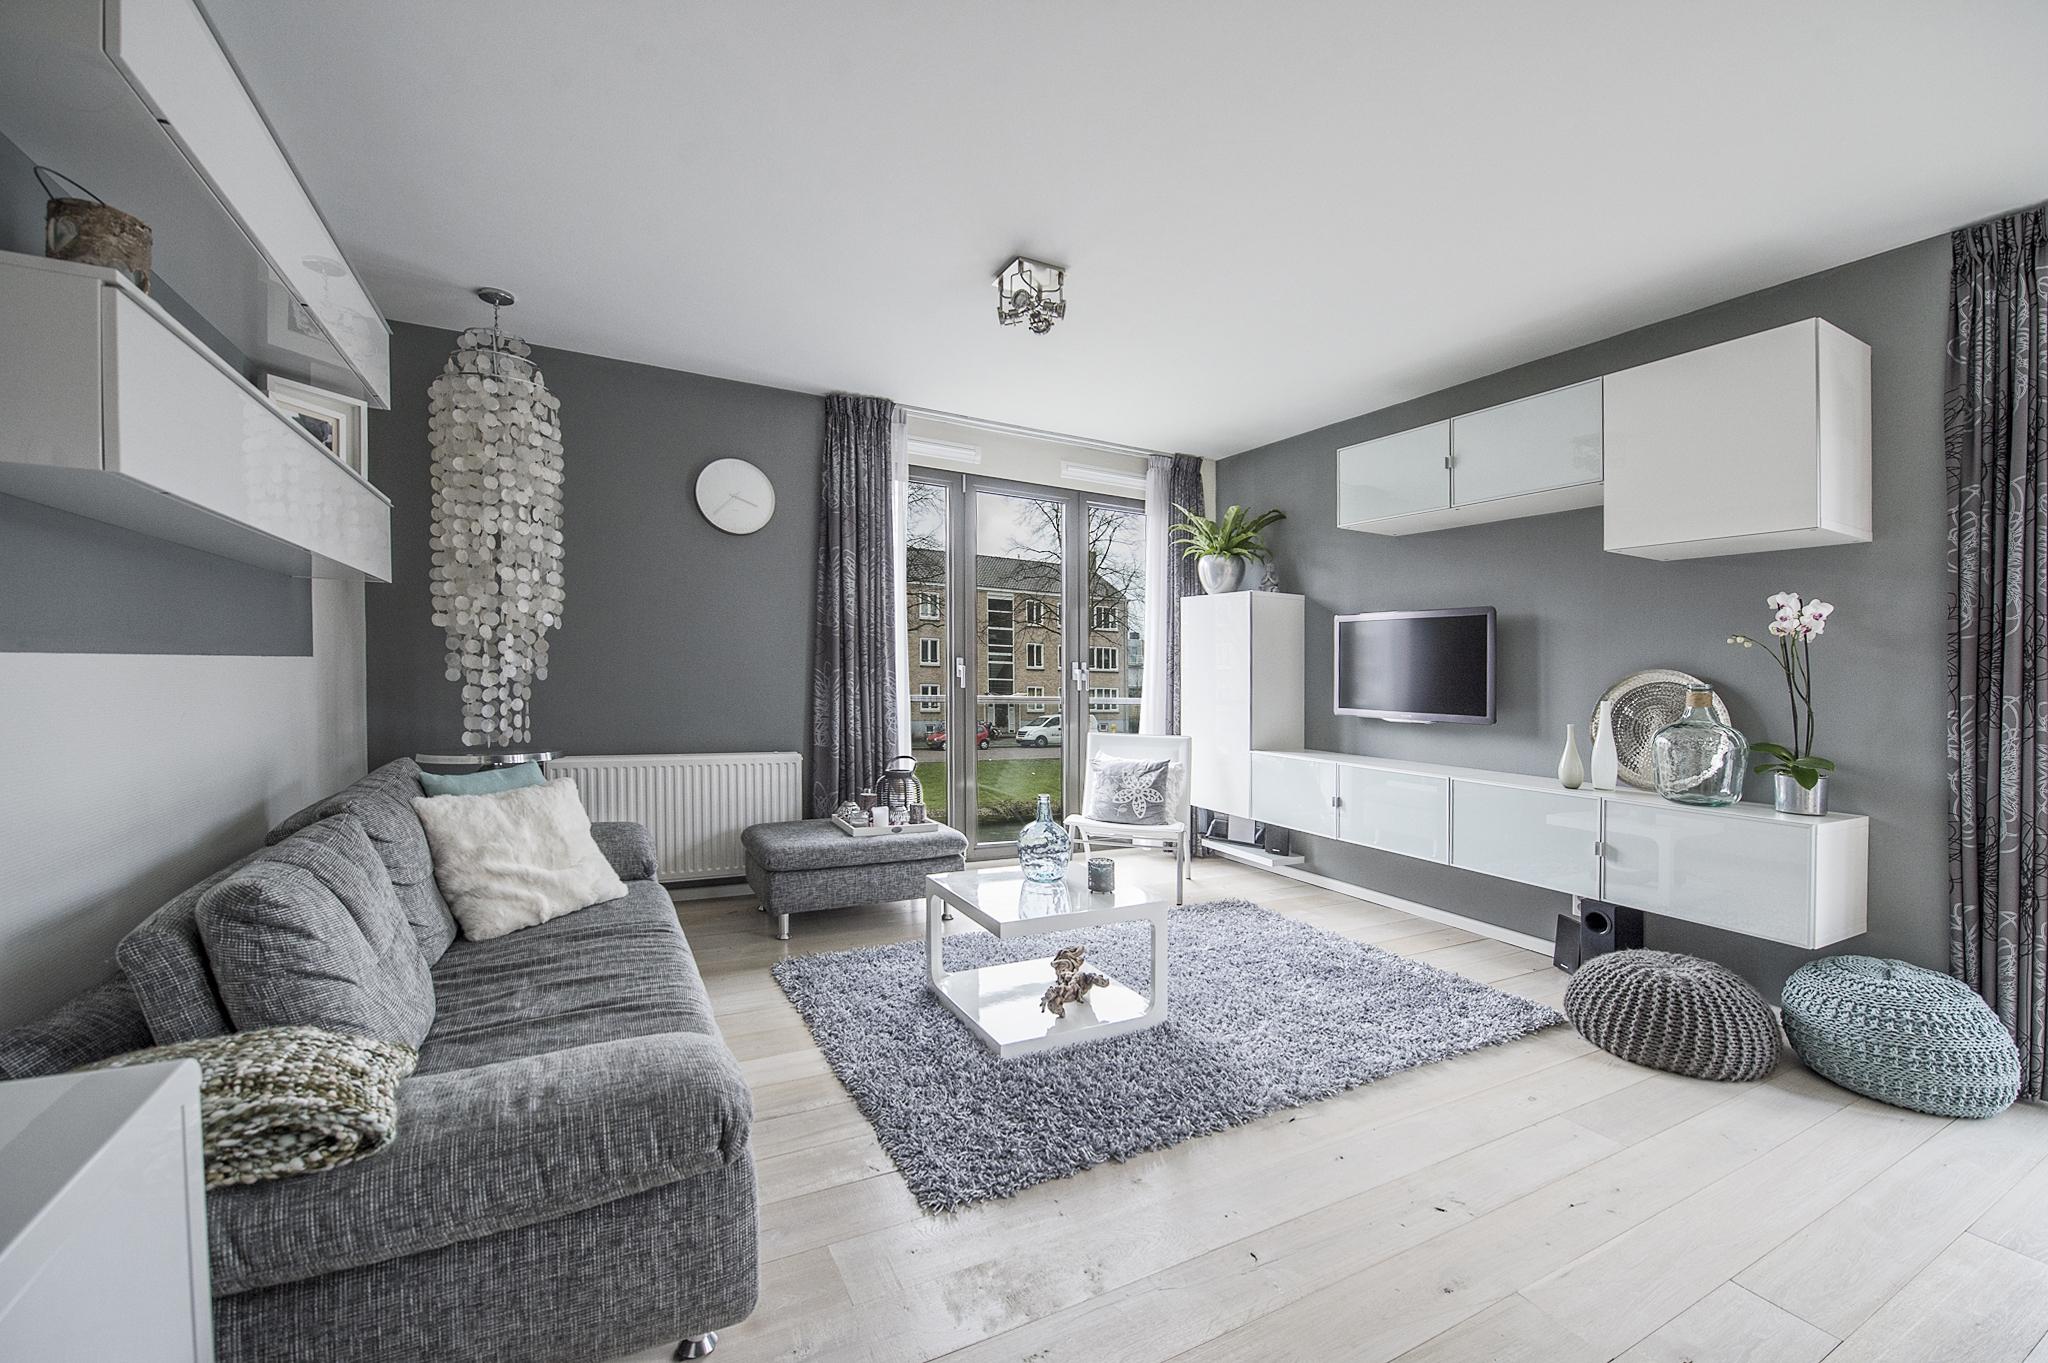 Appartement nieuwbouw delft nya interieurontwerp verrassend en